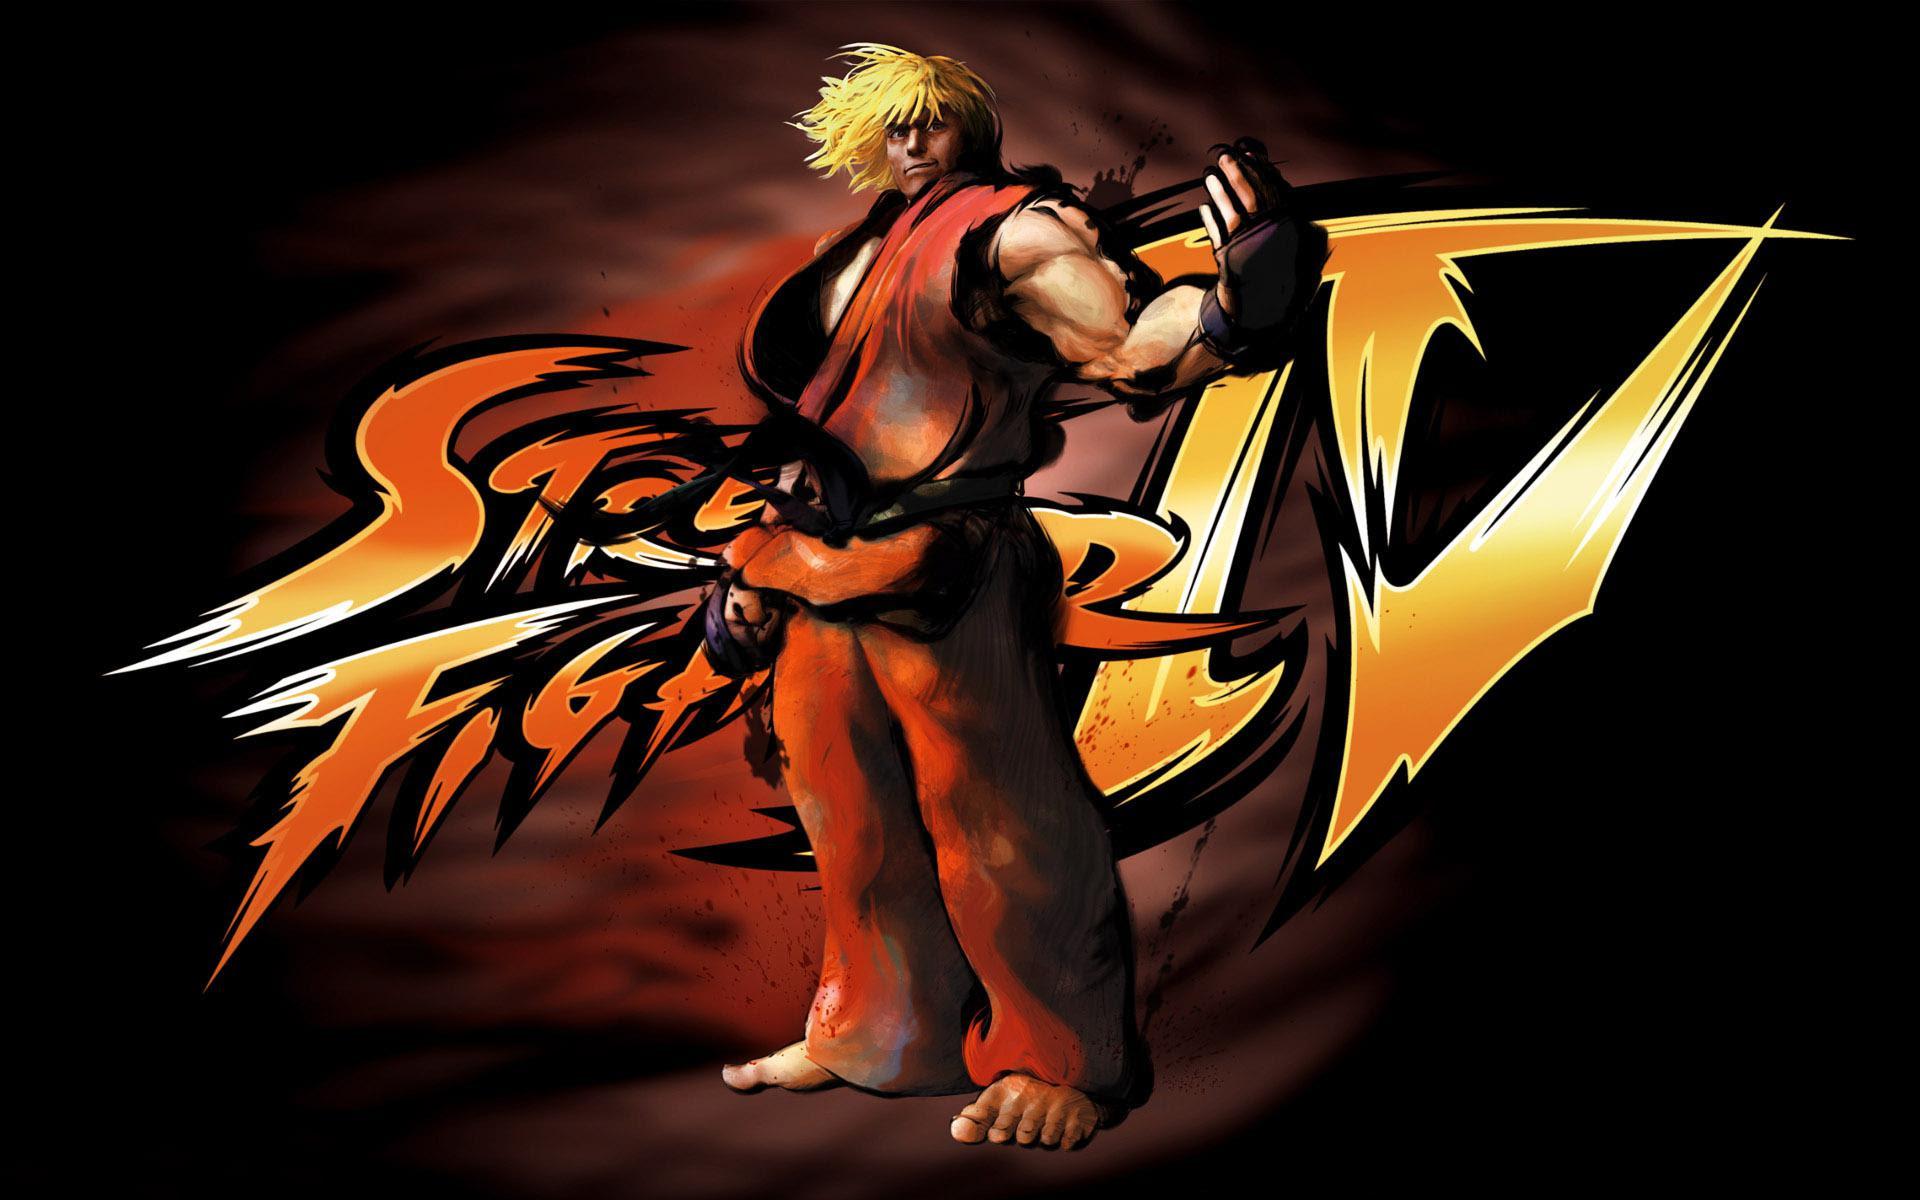 Hd Free Ken Street Fighter Wallpaper Download Free 138718